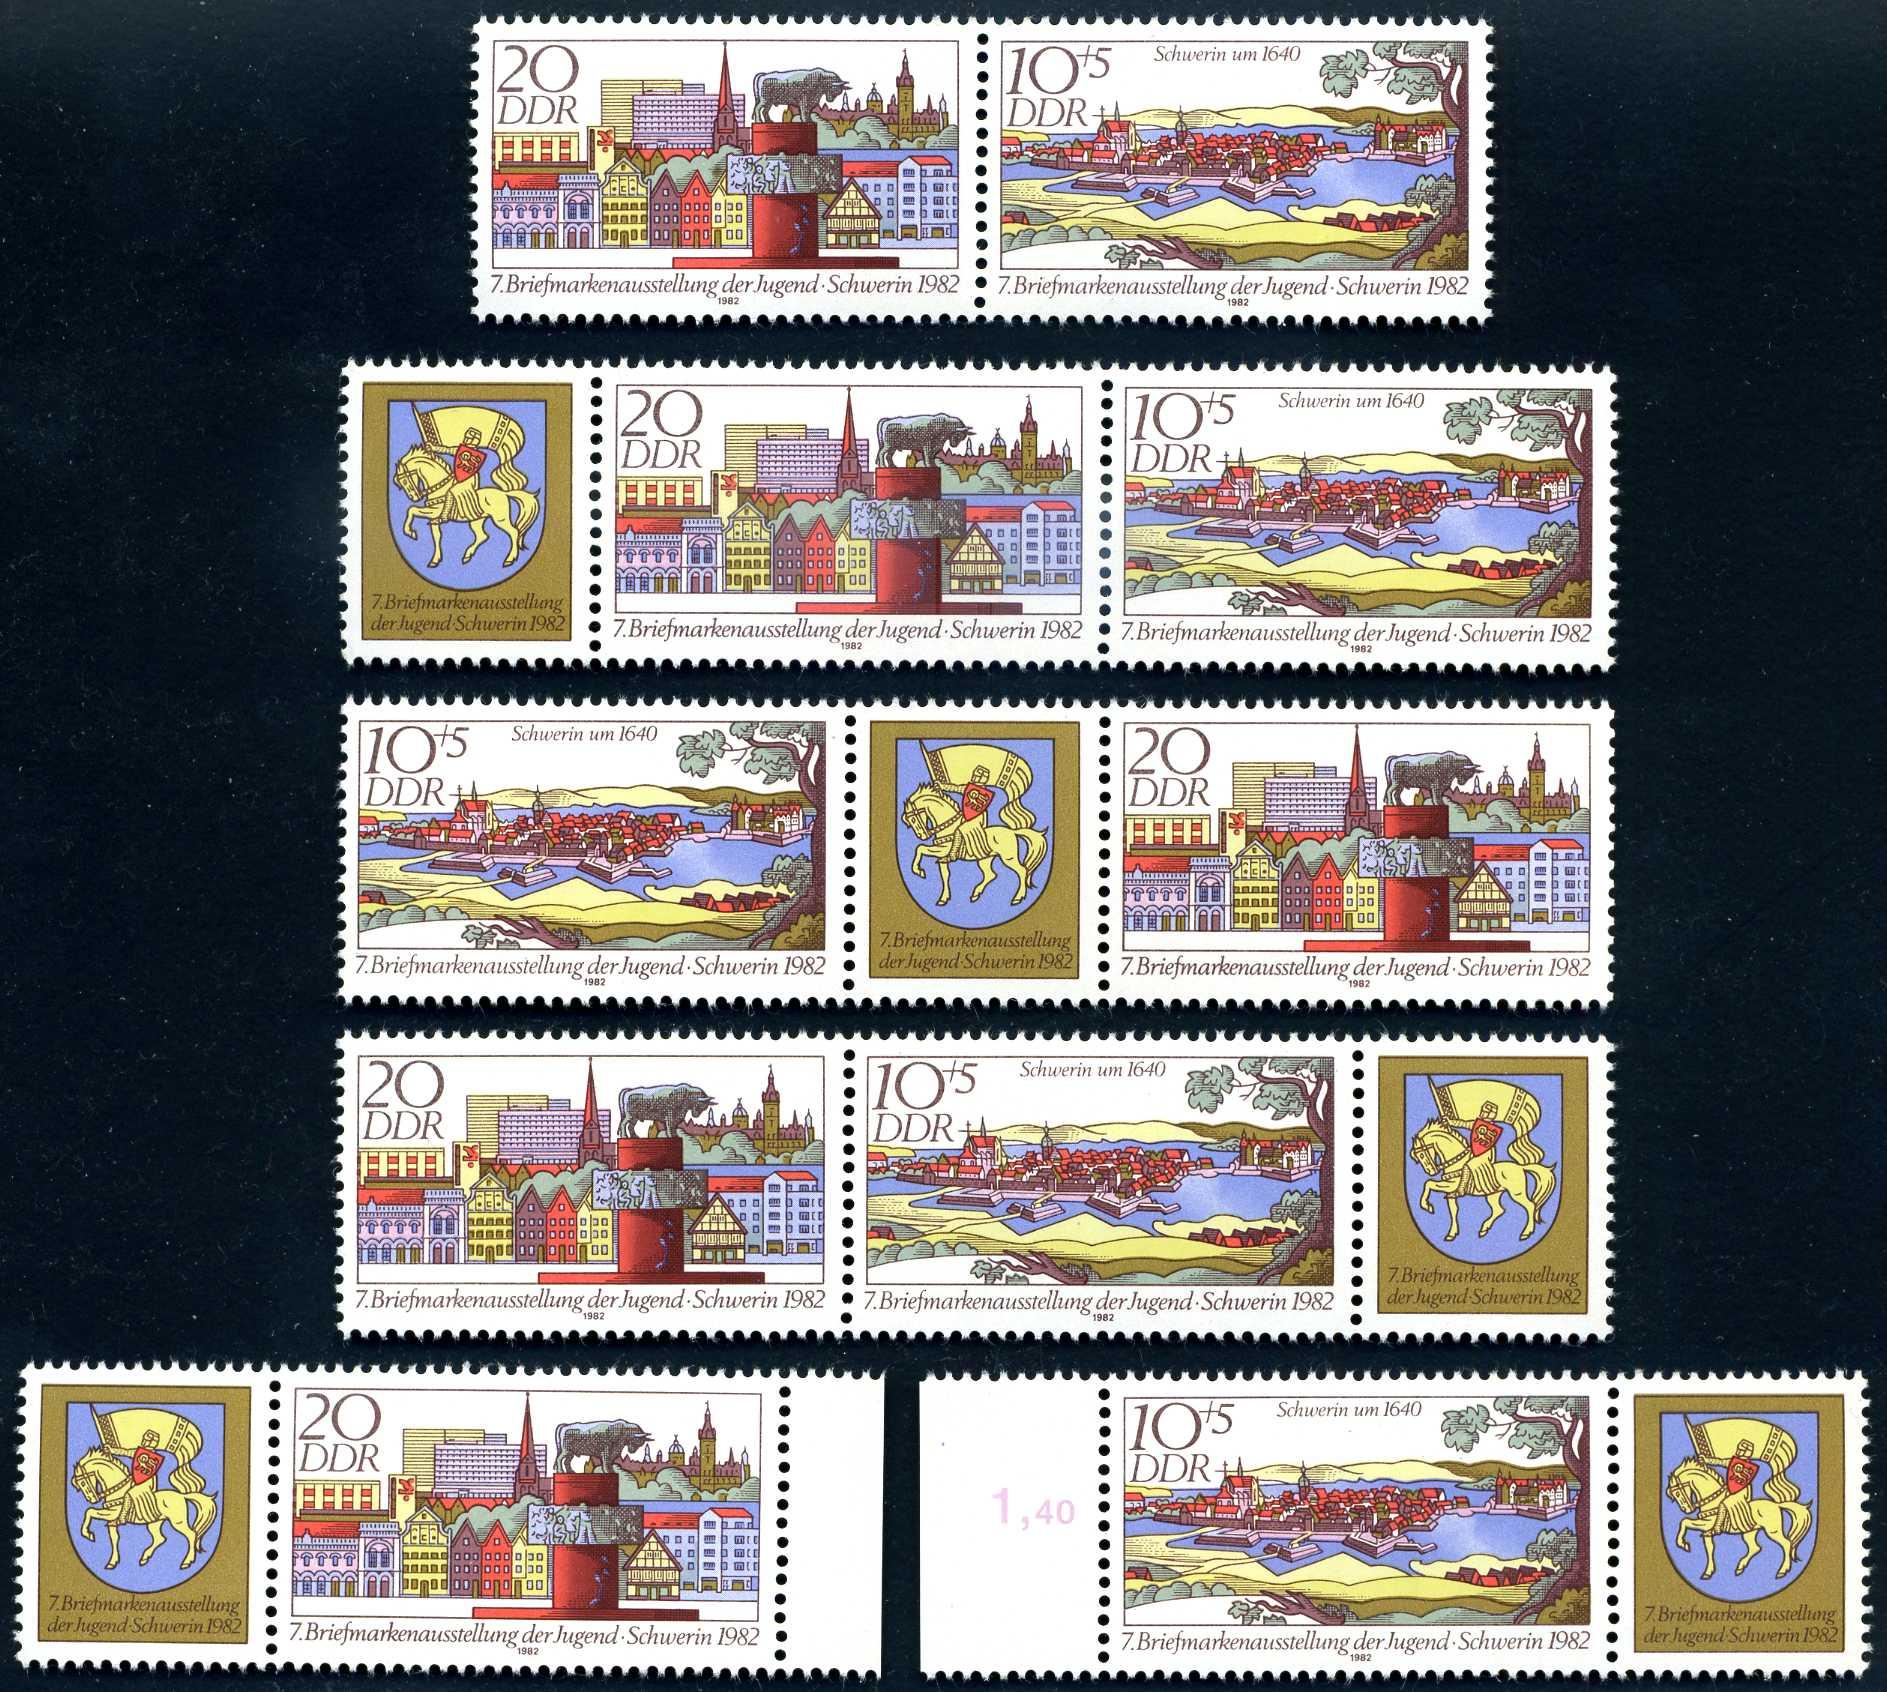 DE 023 1982 Schwerin DDR-Satz.jpg